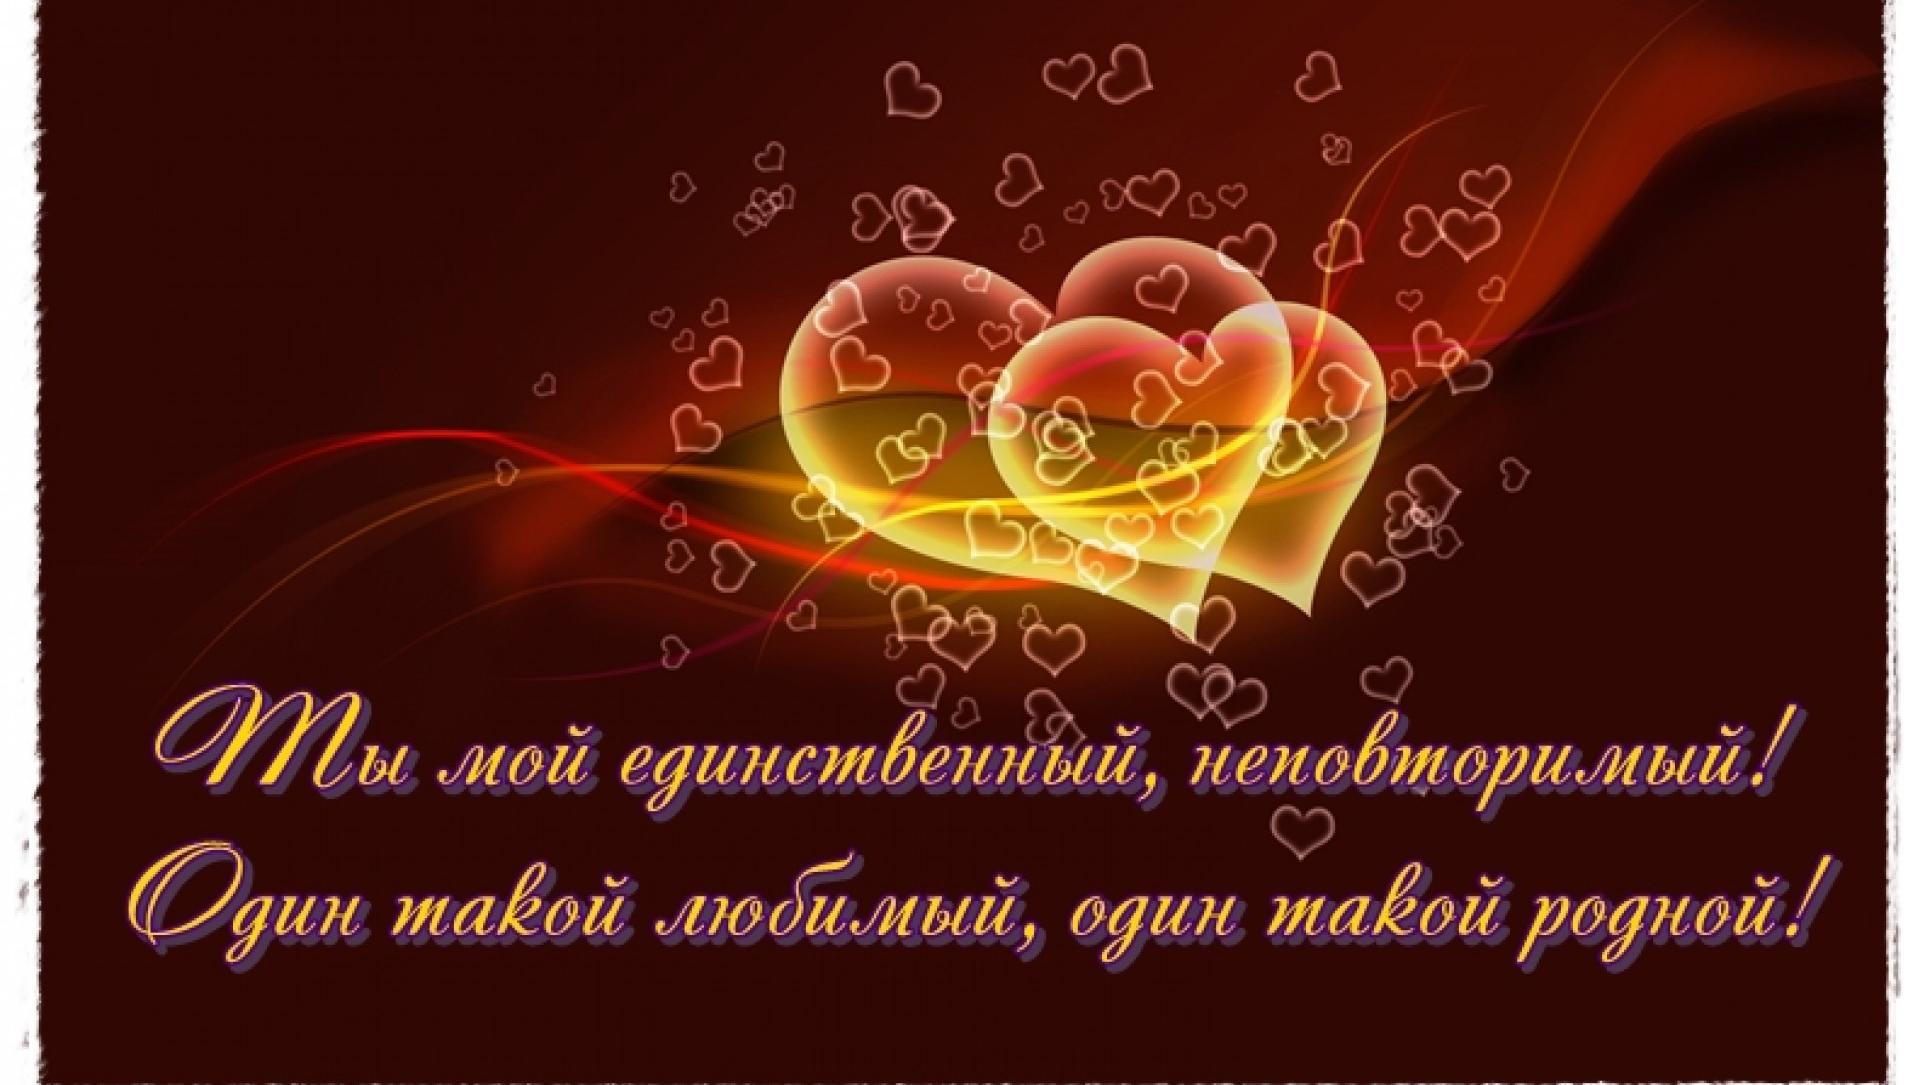 Признания - Открытки для любимых и о любви - Love